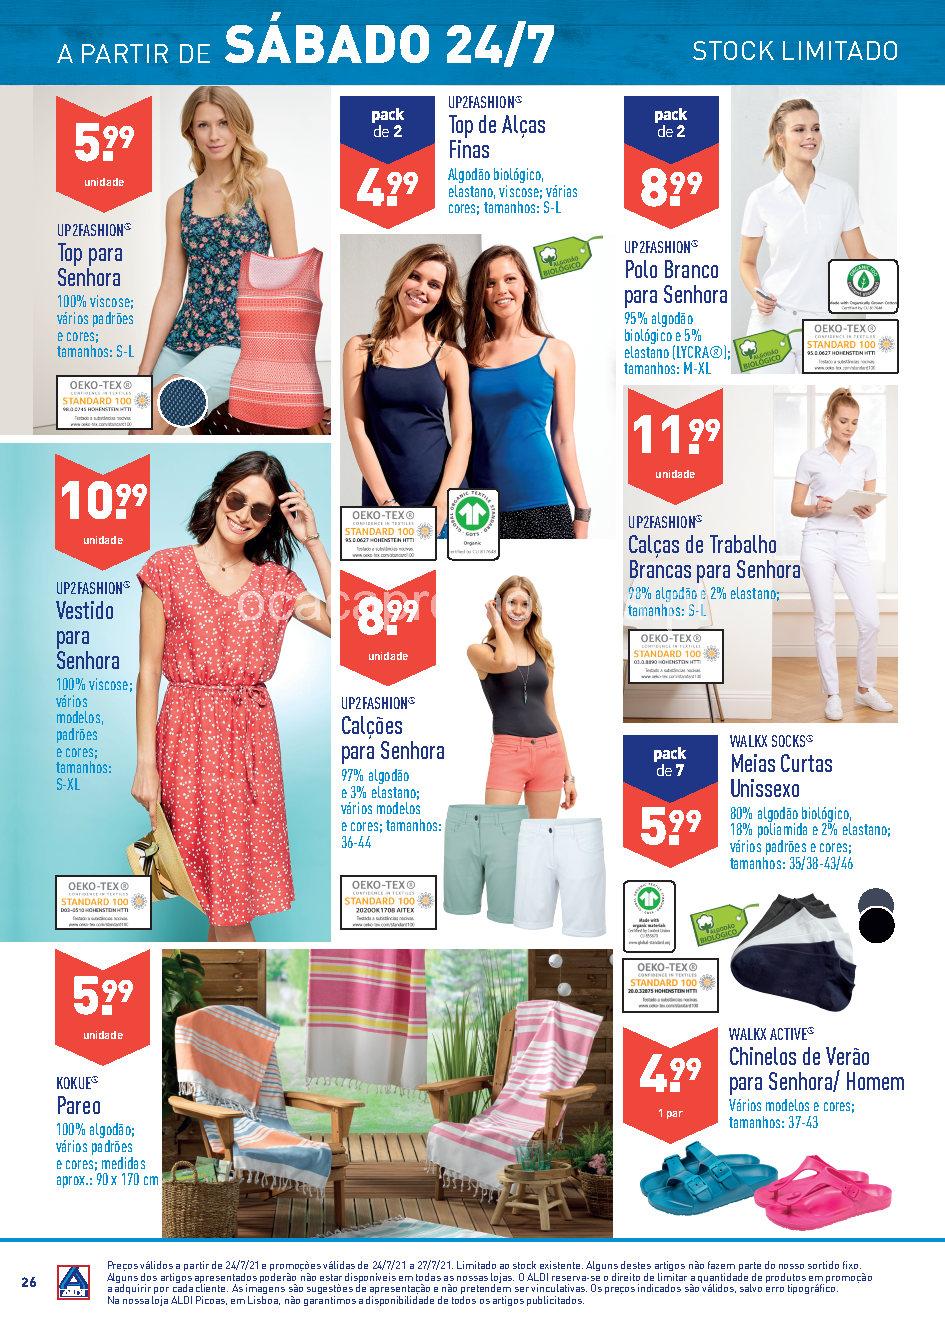 0 antevisao folheto aldi 21 julho 27 julho 2021 Page1 26